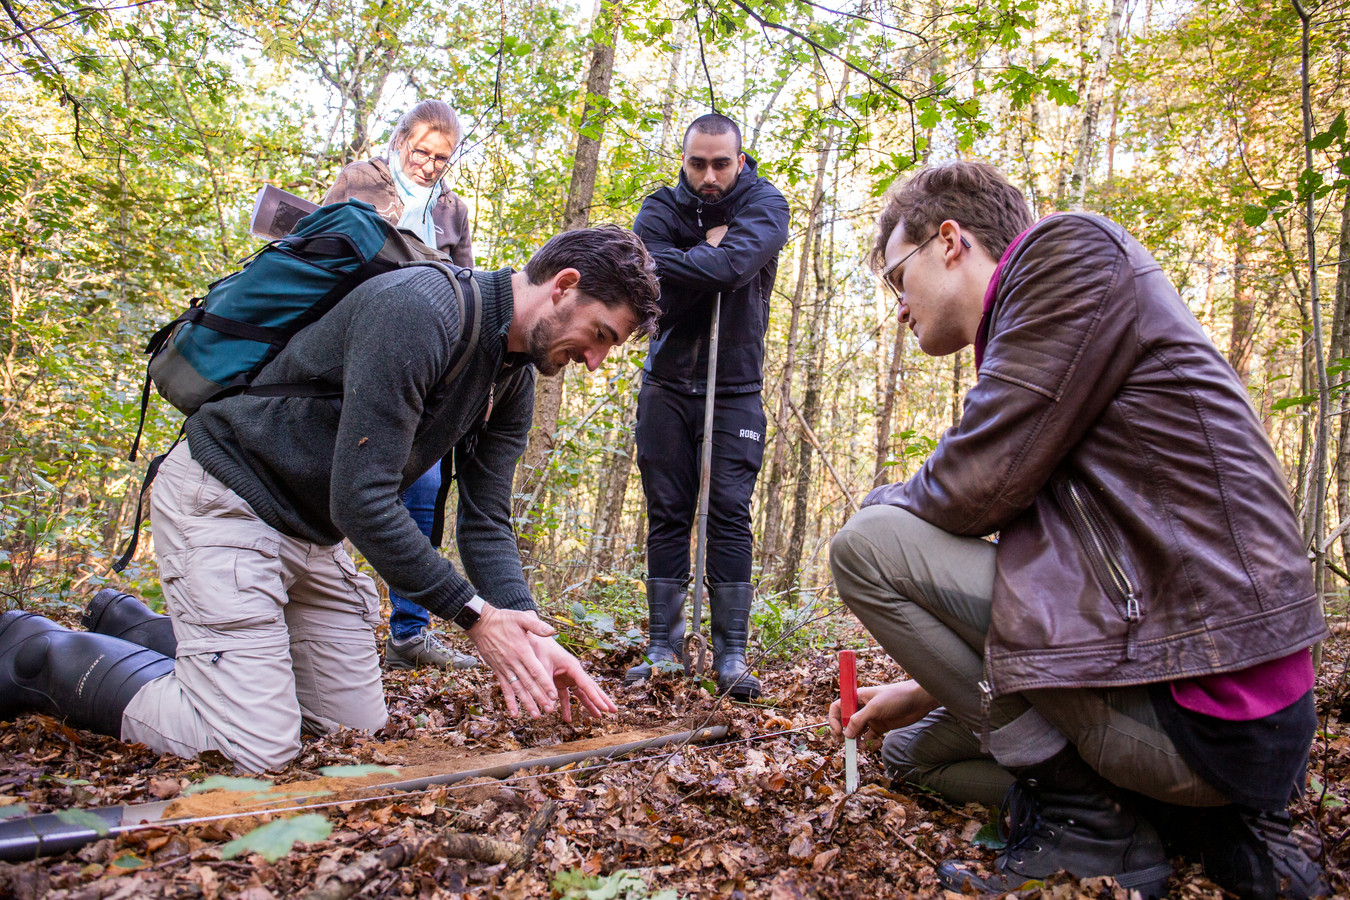 Projectleider Wouter Verschoof-van der Vaart van de Universiteit Leiden bekijkt het bodemprofiel dat is opgeboord. Mert Pasman (midden) en Jonathan Otten (rechts) kijken toe. Achteraan vrijwilligster Marjon Kruissink.